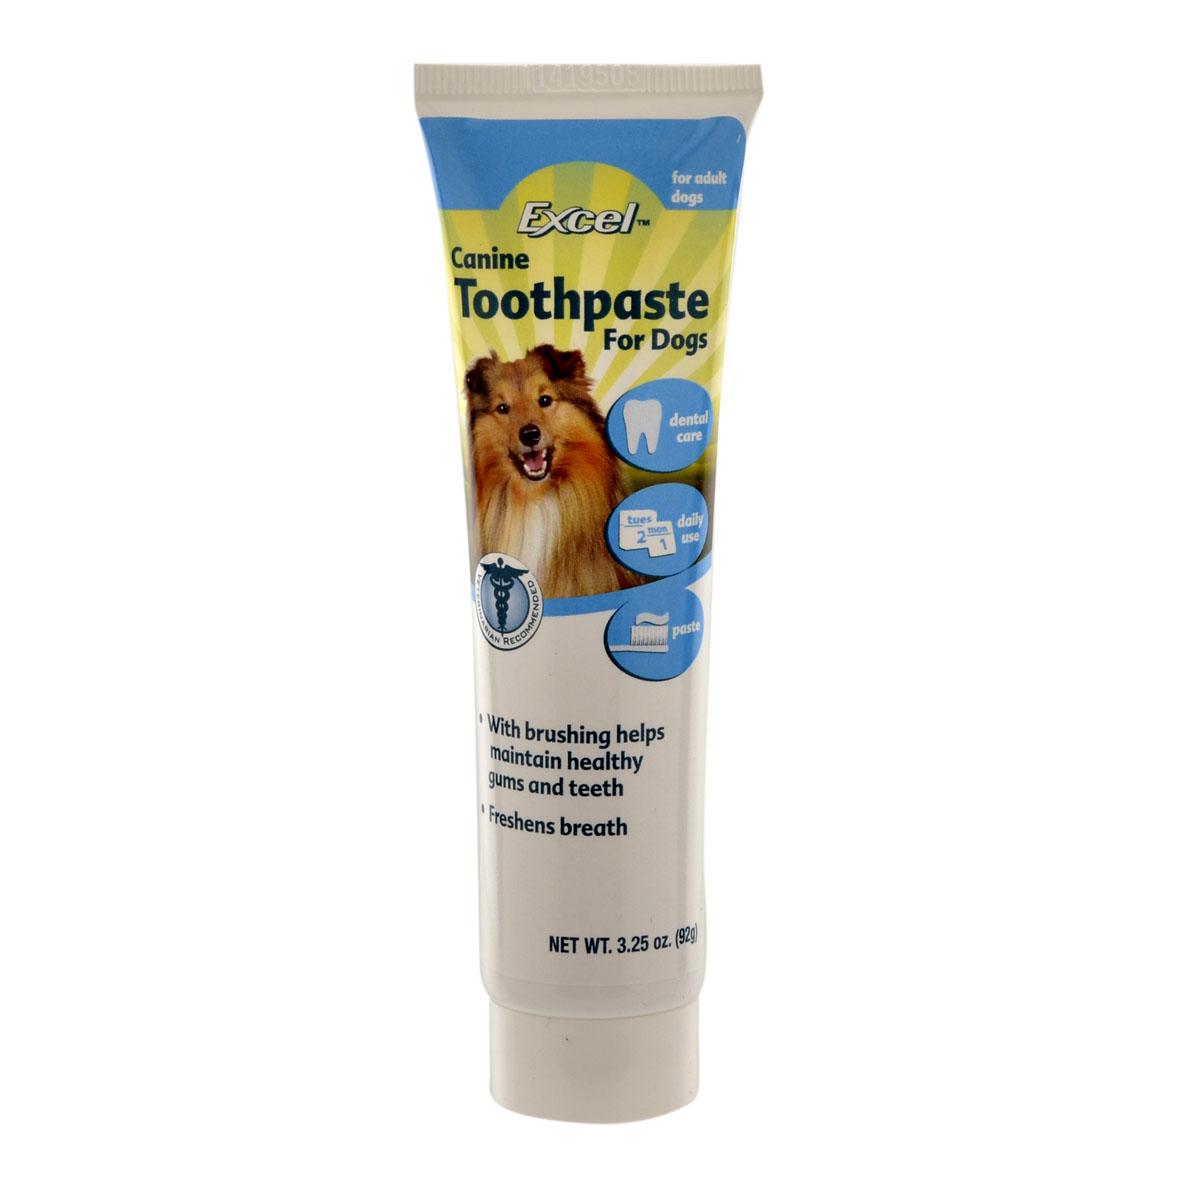 Зубная паста для собак 8 in1  Excel Canine Toothpaste , свежее дыхание, 92 г - Ветеринарная аптека